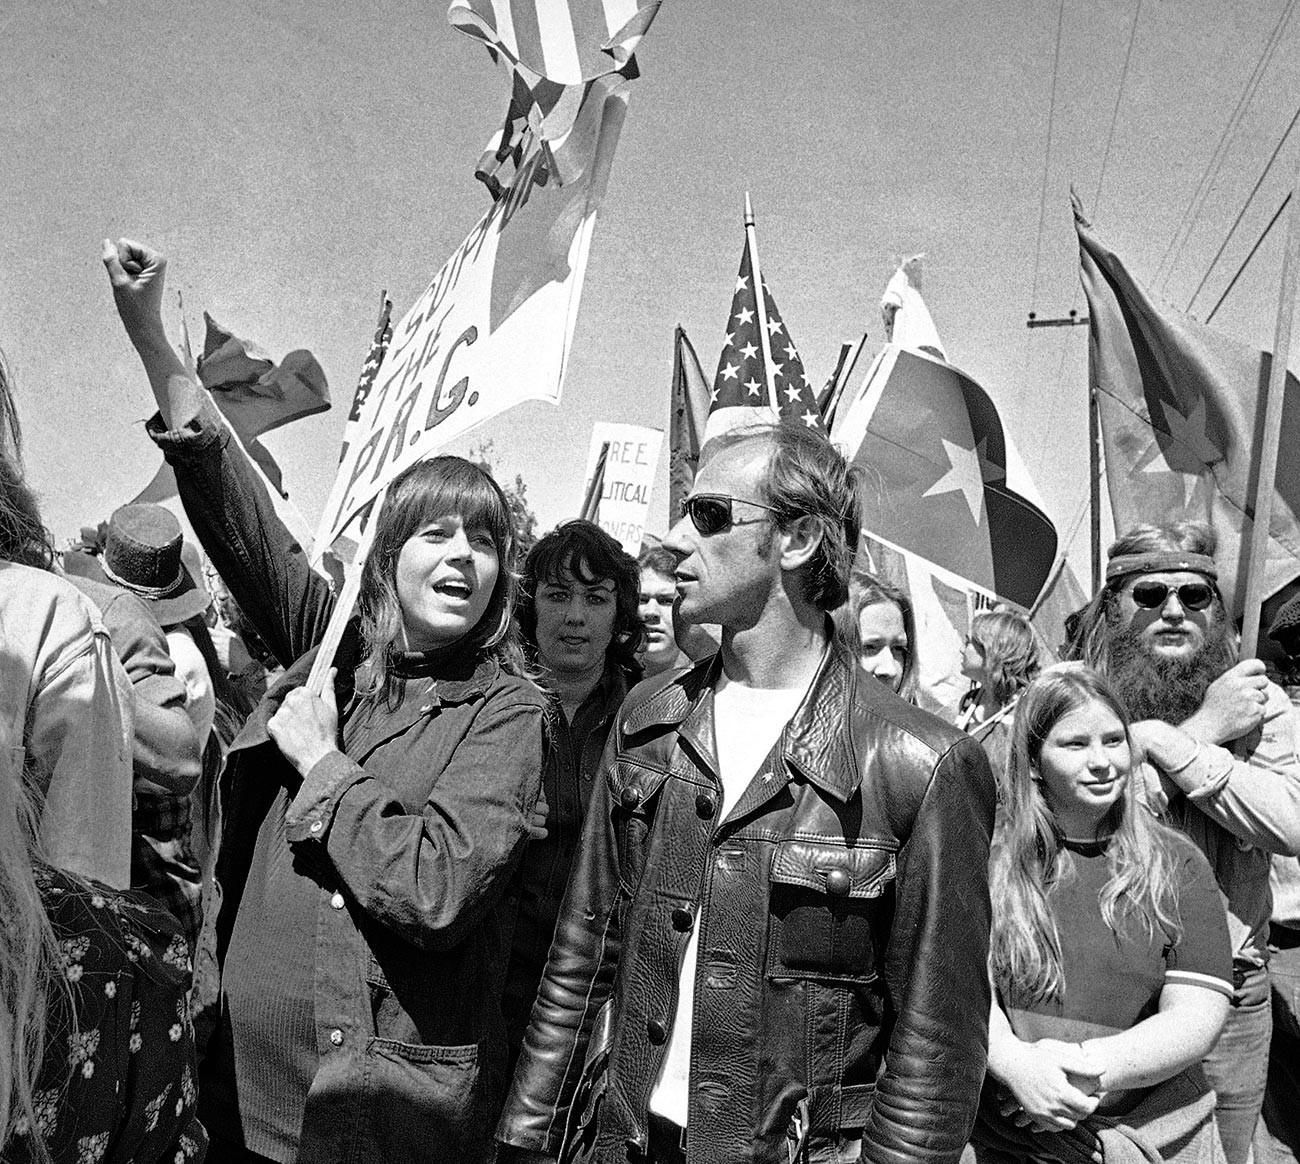 Актрисата Джейн Фонда вдига ръка във въздуха, докато се присъединява към група антивоенни демонстранти на марш към Западния Бял дом в знак на протест срещу посещението на президента на Южен Виетнам Нгуен Ван Тху в Сан Клементе, Калифорния, 2 април 1973 г.